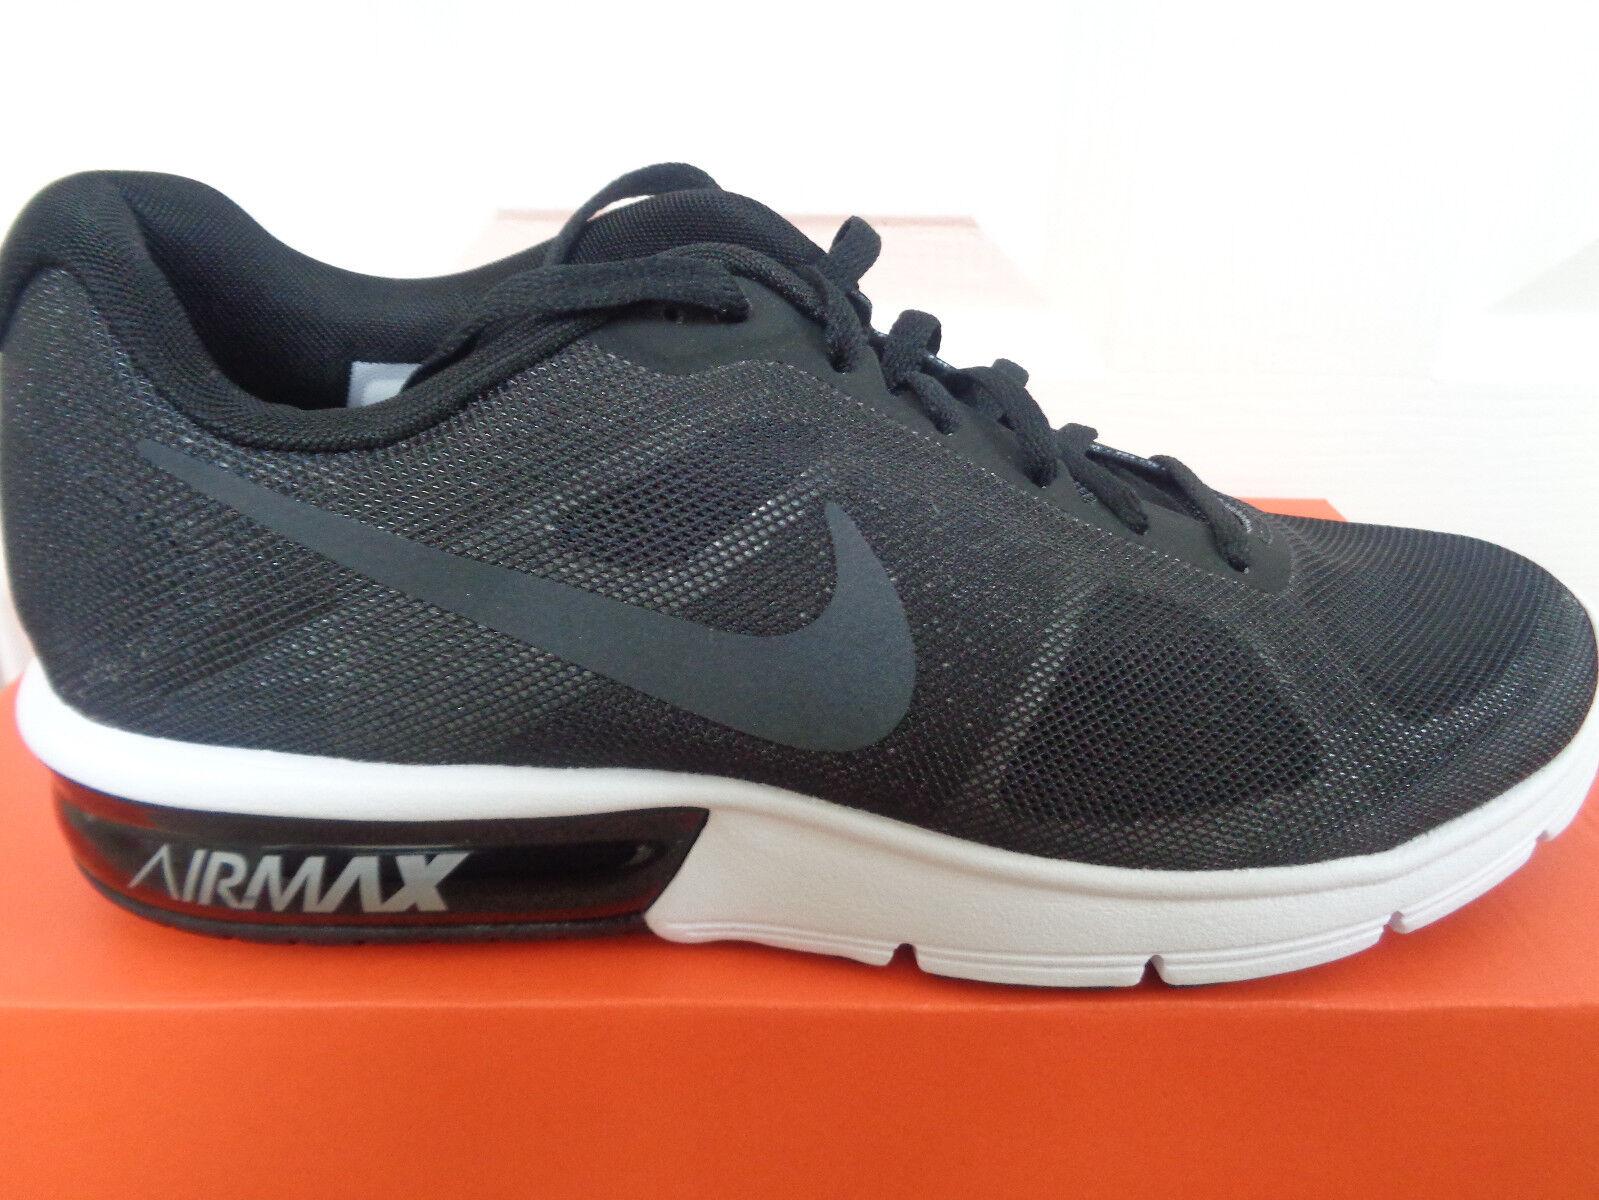 3f8c38024471 Nike Air Max Scarpe Da Ginnastica SEQUENT 719916 008 EU 39 US 8 NUOVO IN  SCATOLA